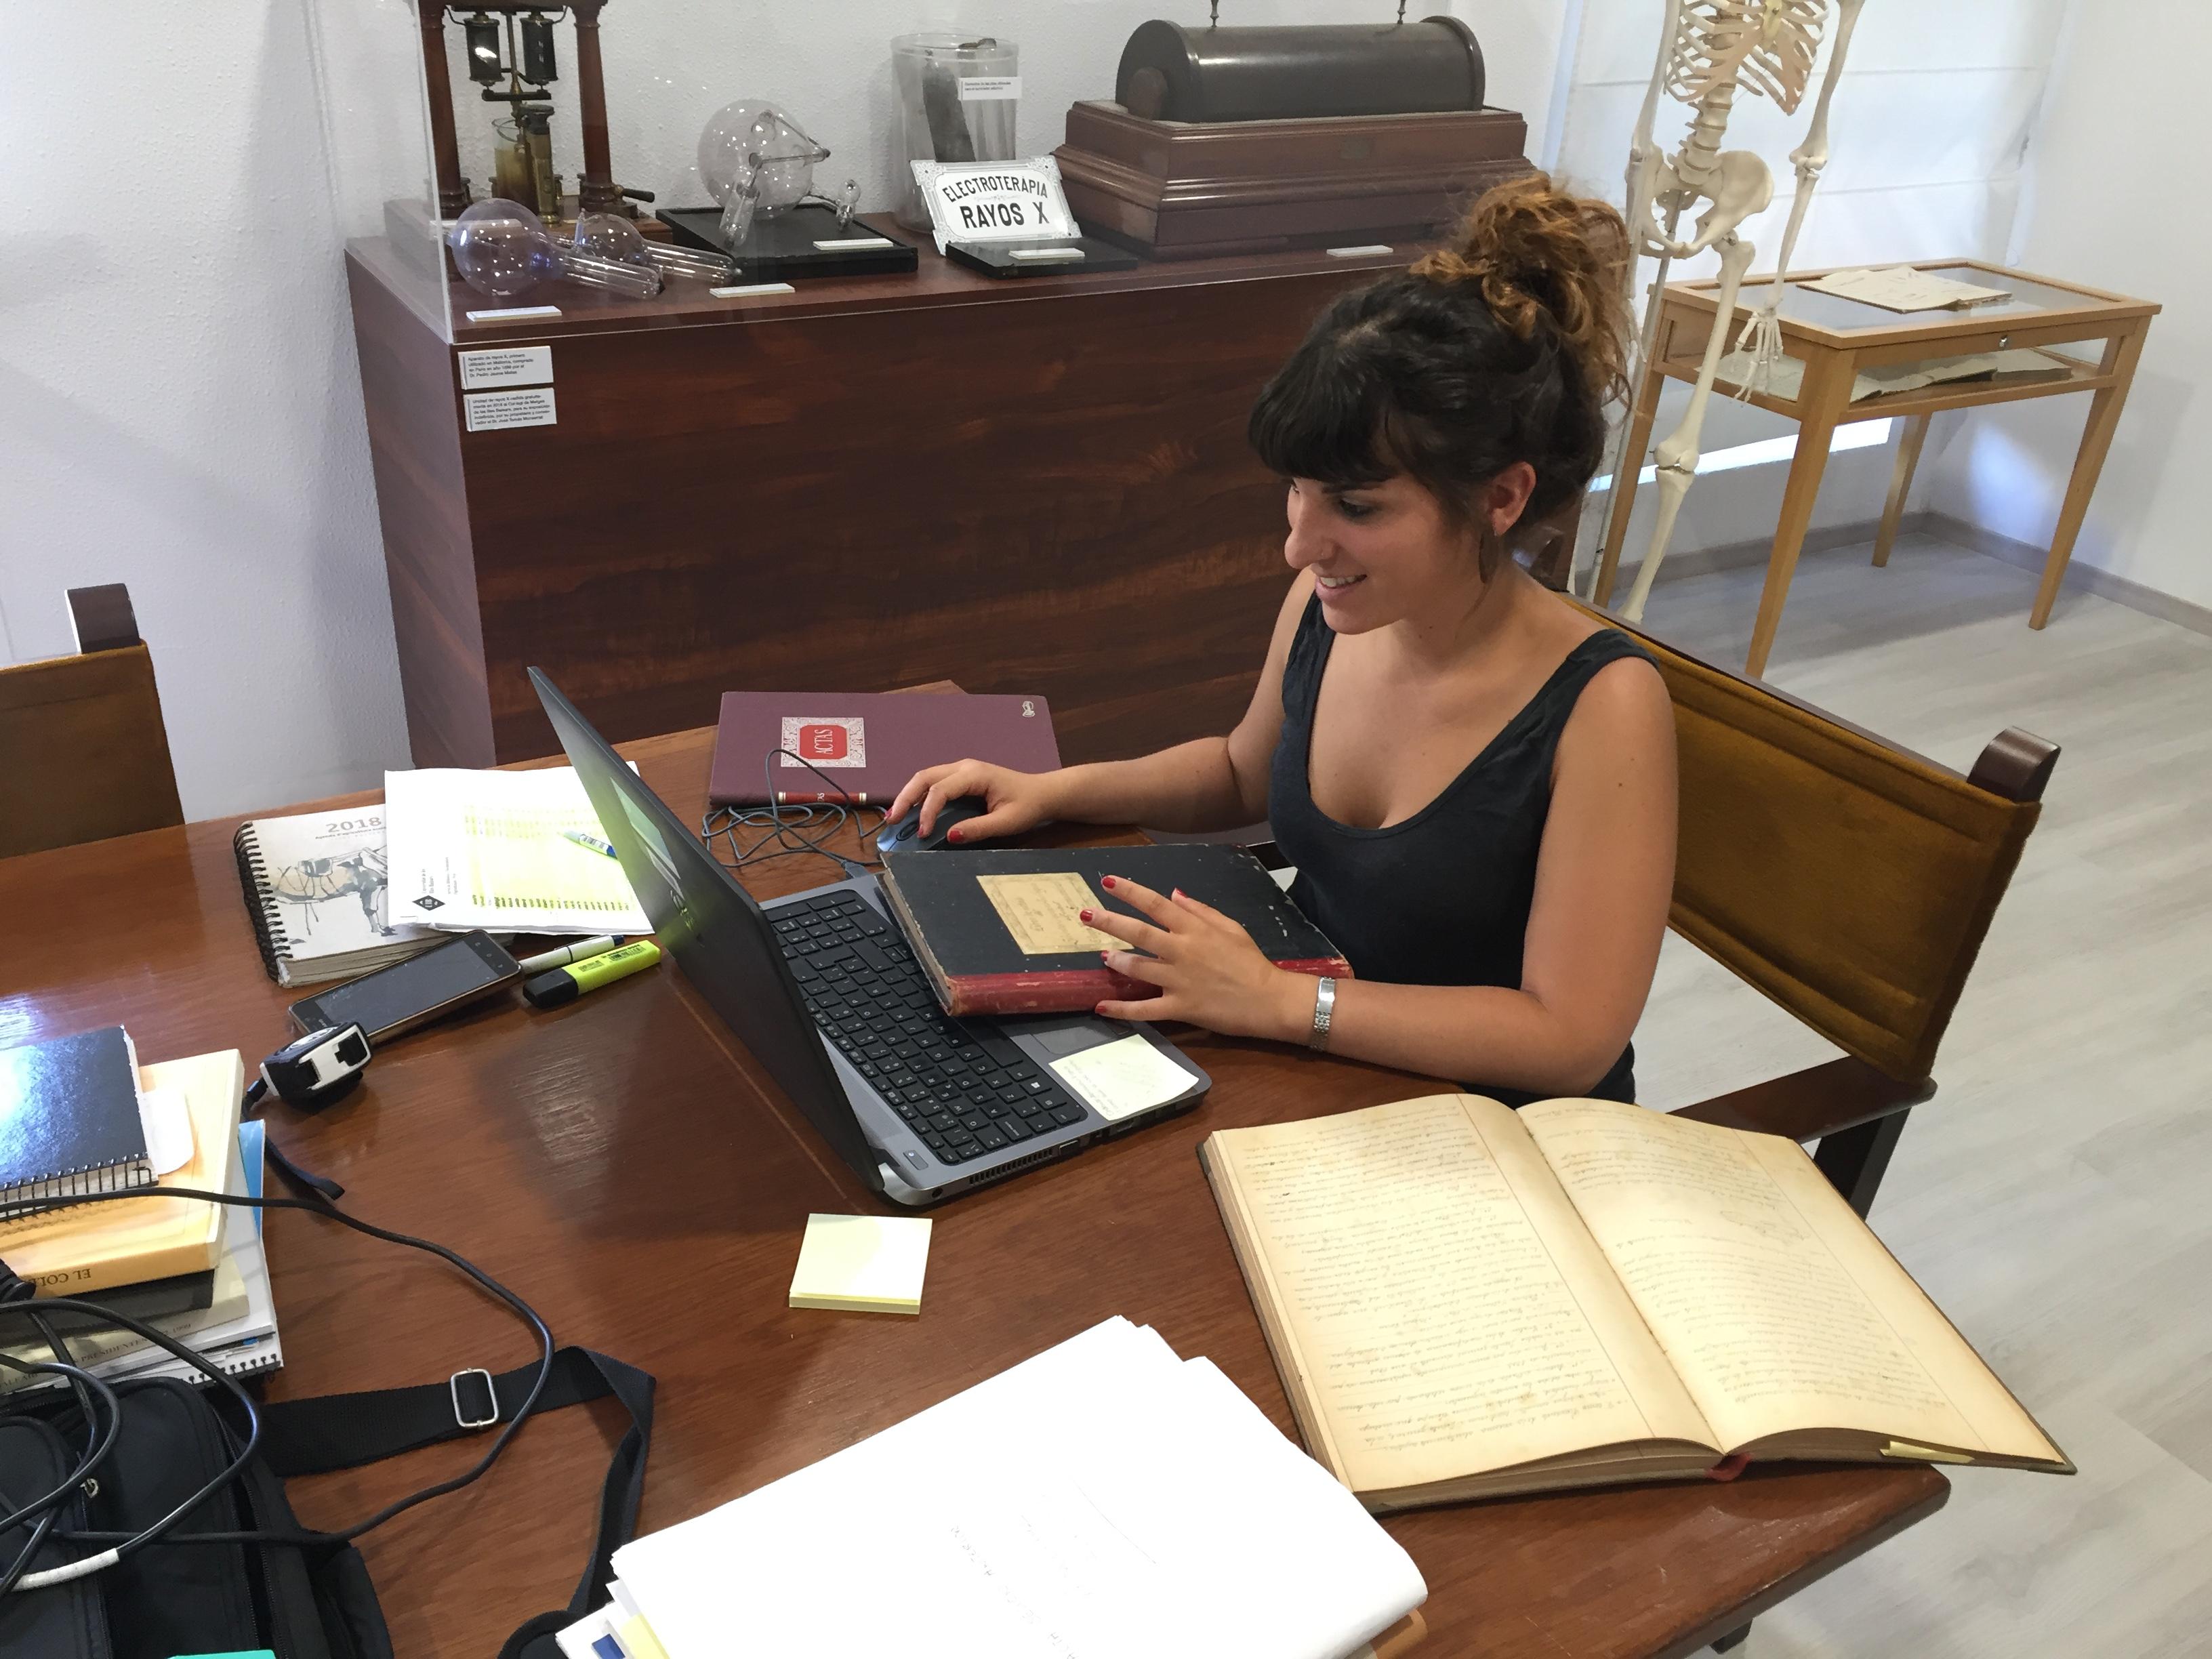 Técnicos de la UIB llevan a cabo la labor de catalogación y digitalización del archivo histórico del Comib